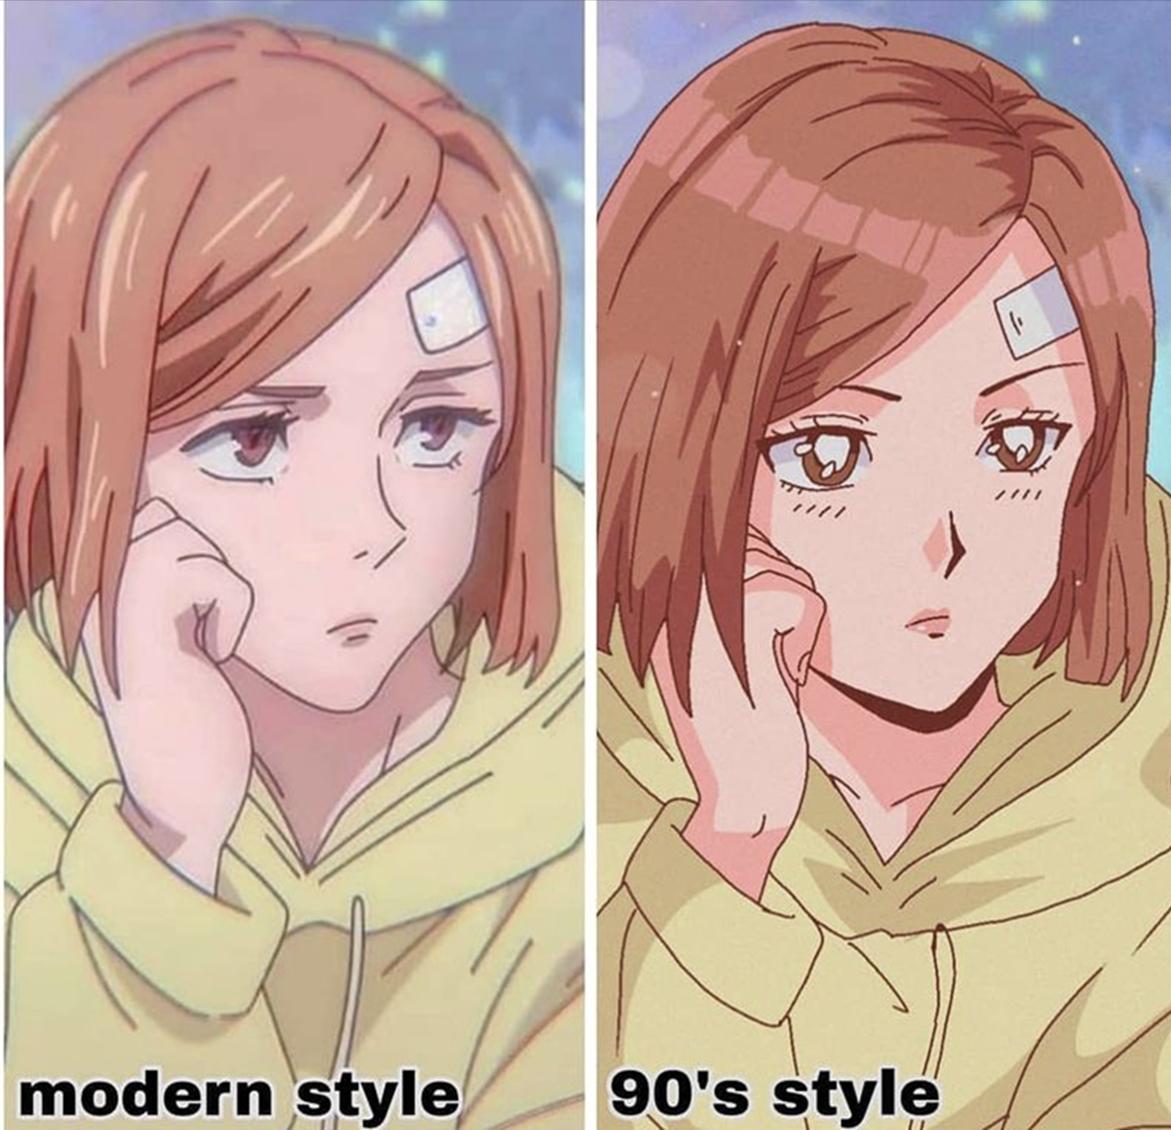 绘师二创模拟《90年代复古动漫画风》角色瞳孔像戴了放大片!-itotii